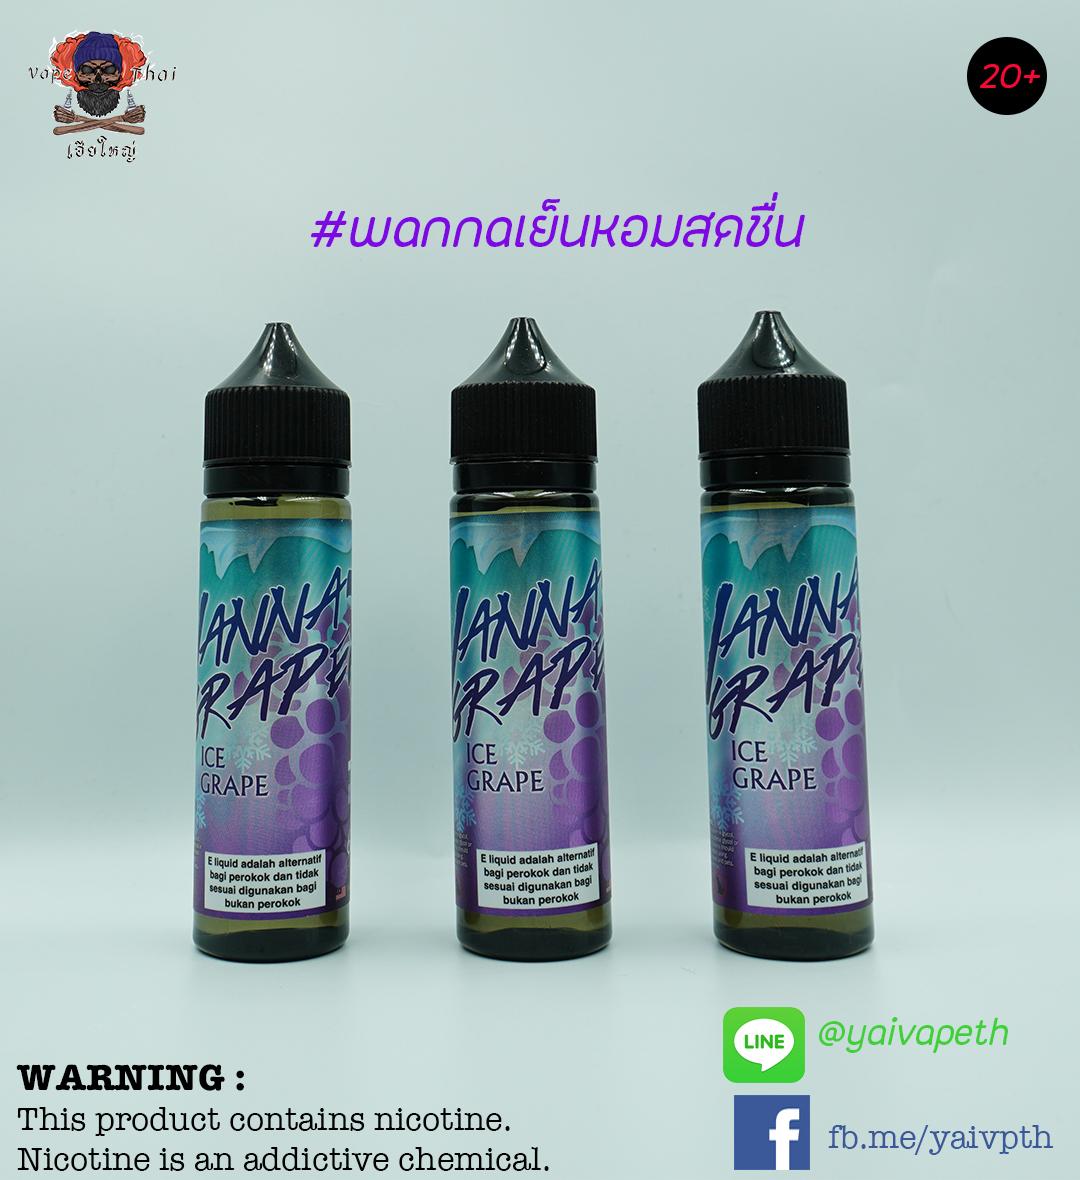 องุ่นเย็น - น้ำยาบุหรี่ไฟฟ้า Wanna Grape Ice Grape  [ เย็น ] (มาเลเซีย )  ของแท้ 100%